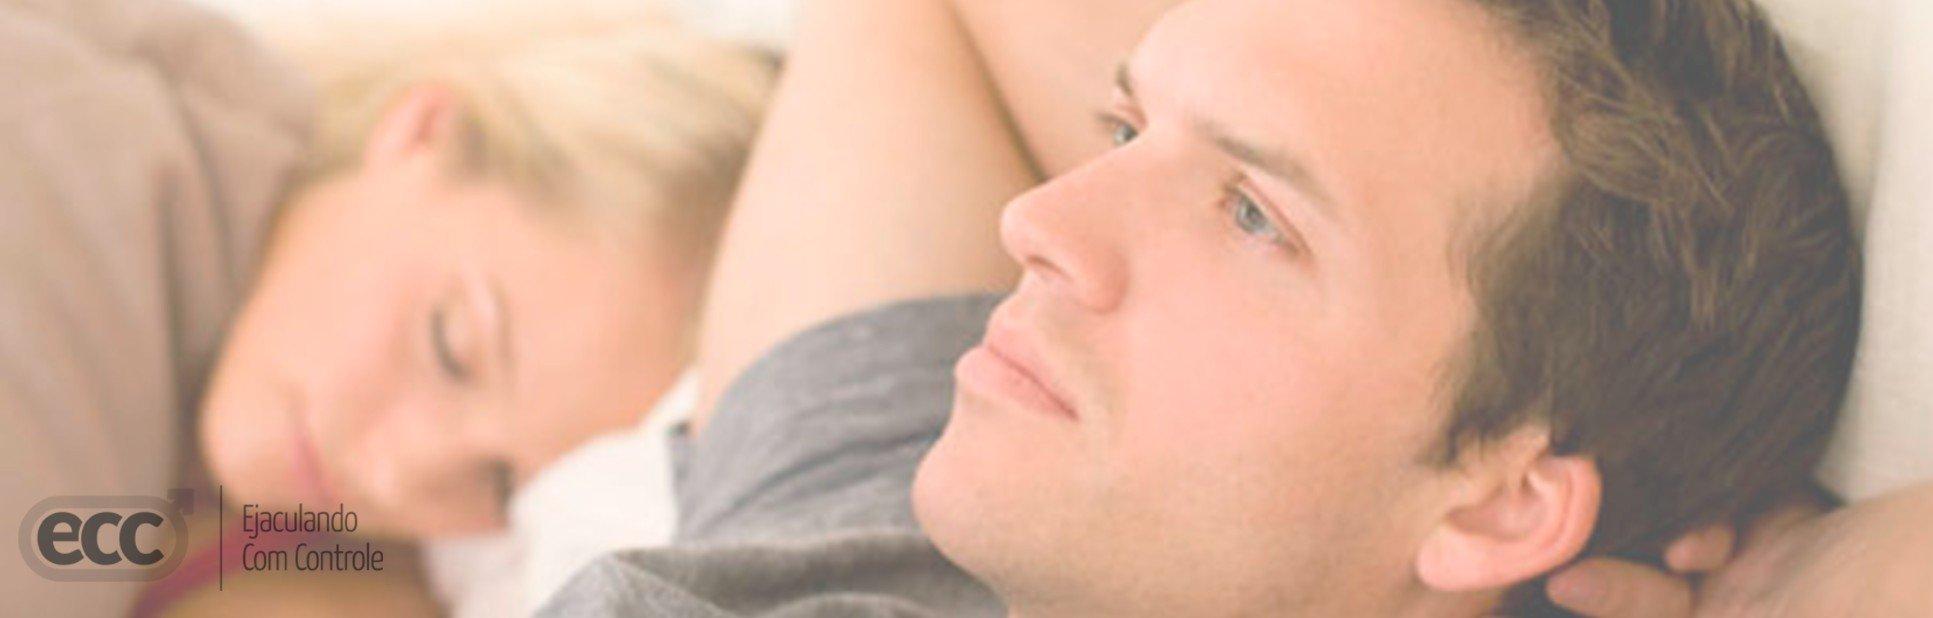 qual a cura para ejaculação precoce